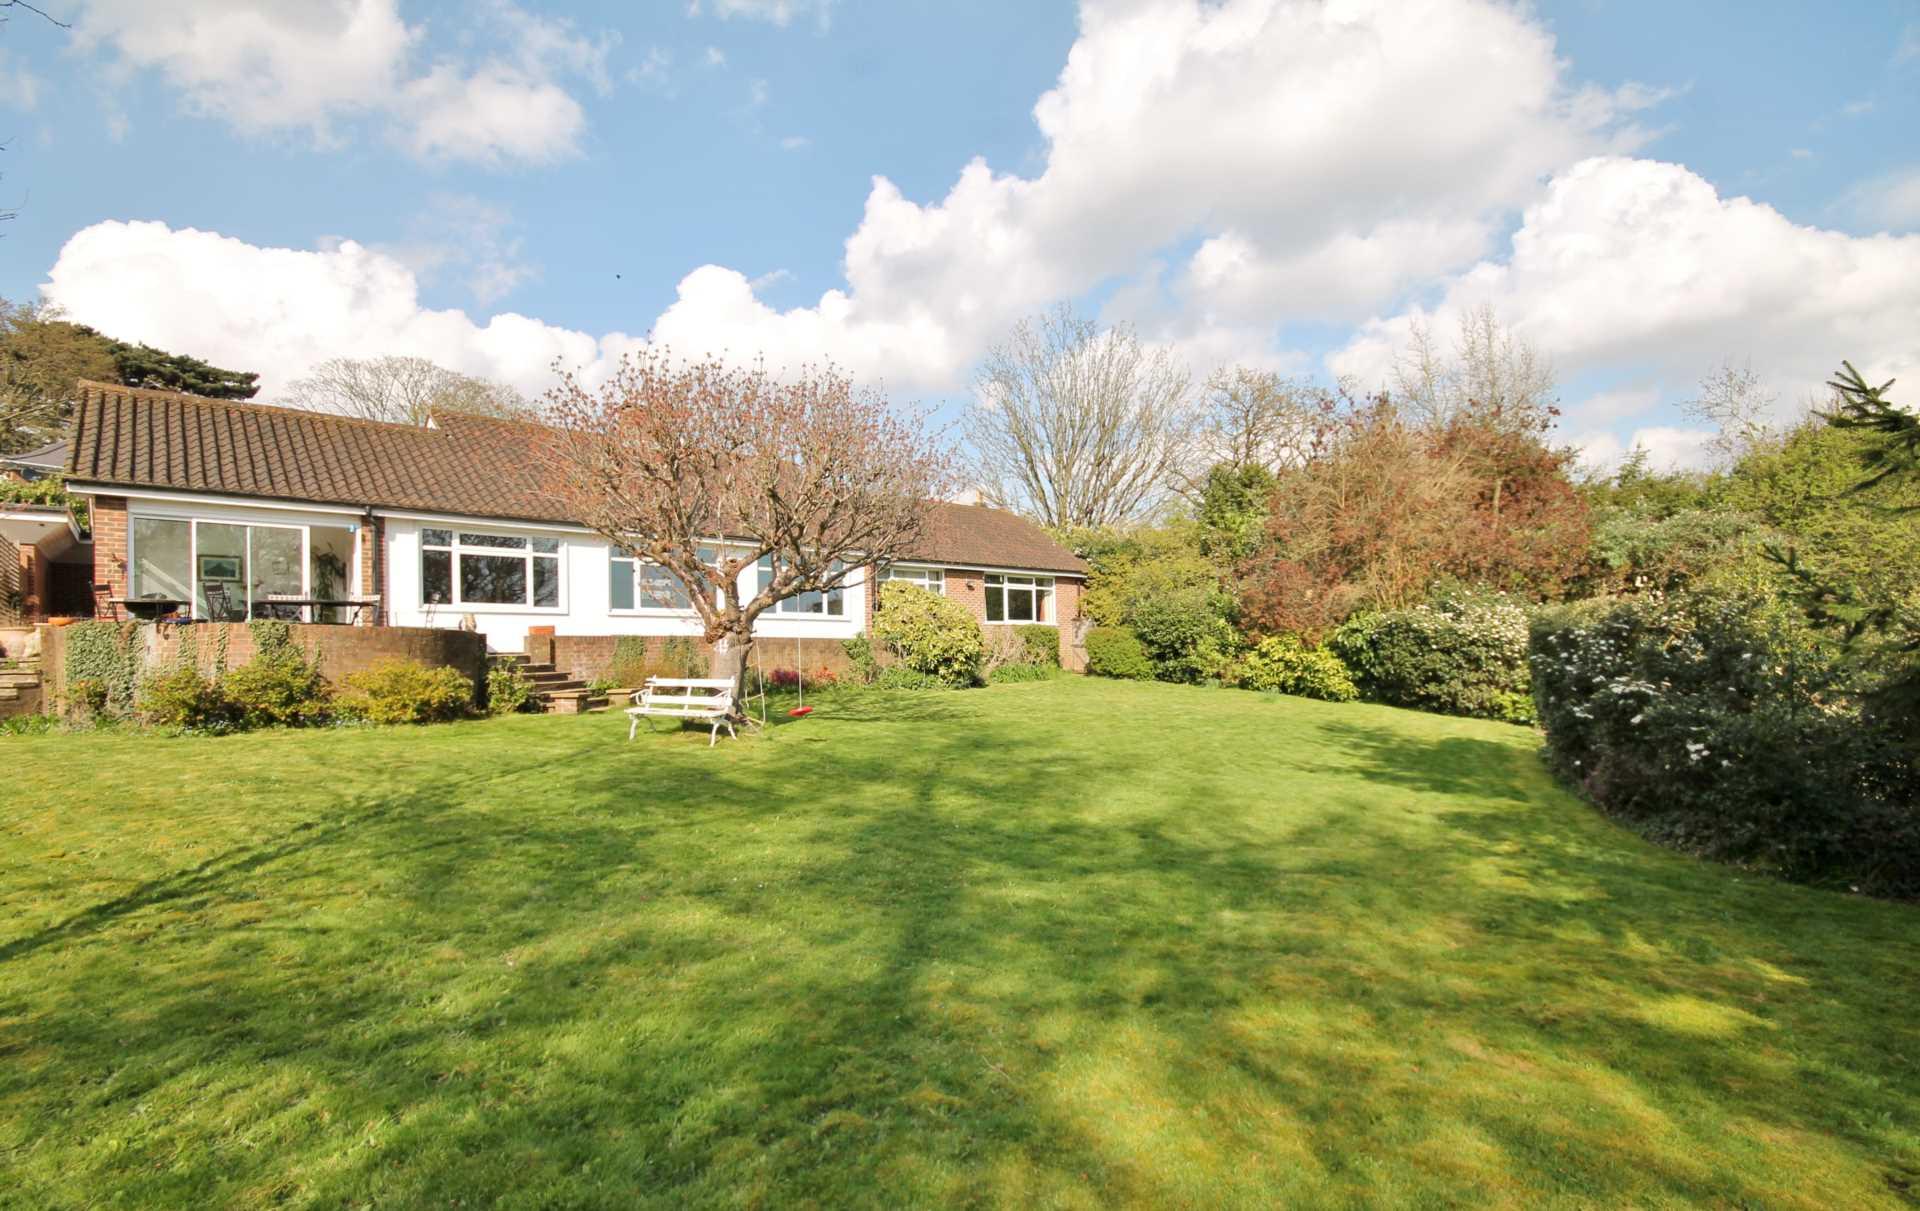 Property On Sale On Elm Road New Malden